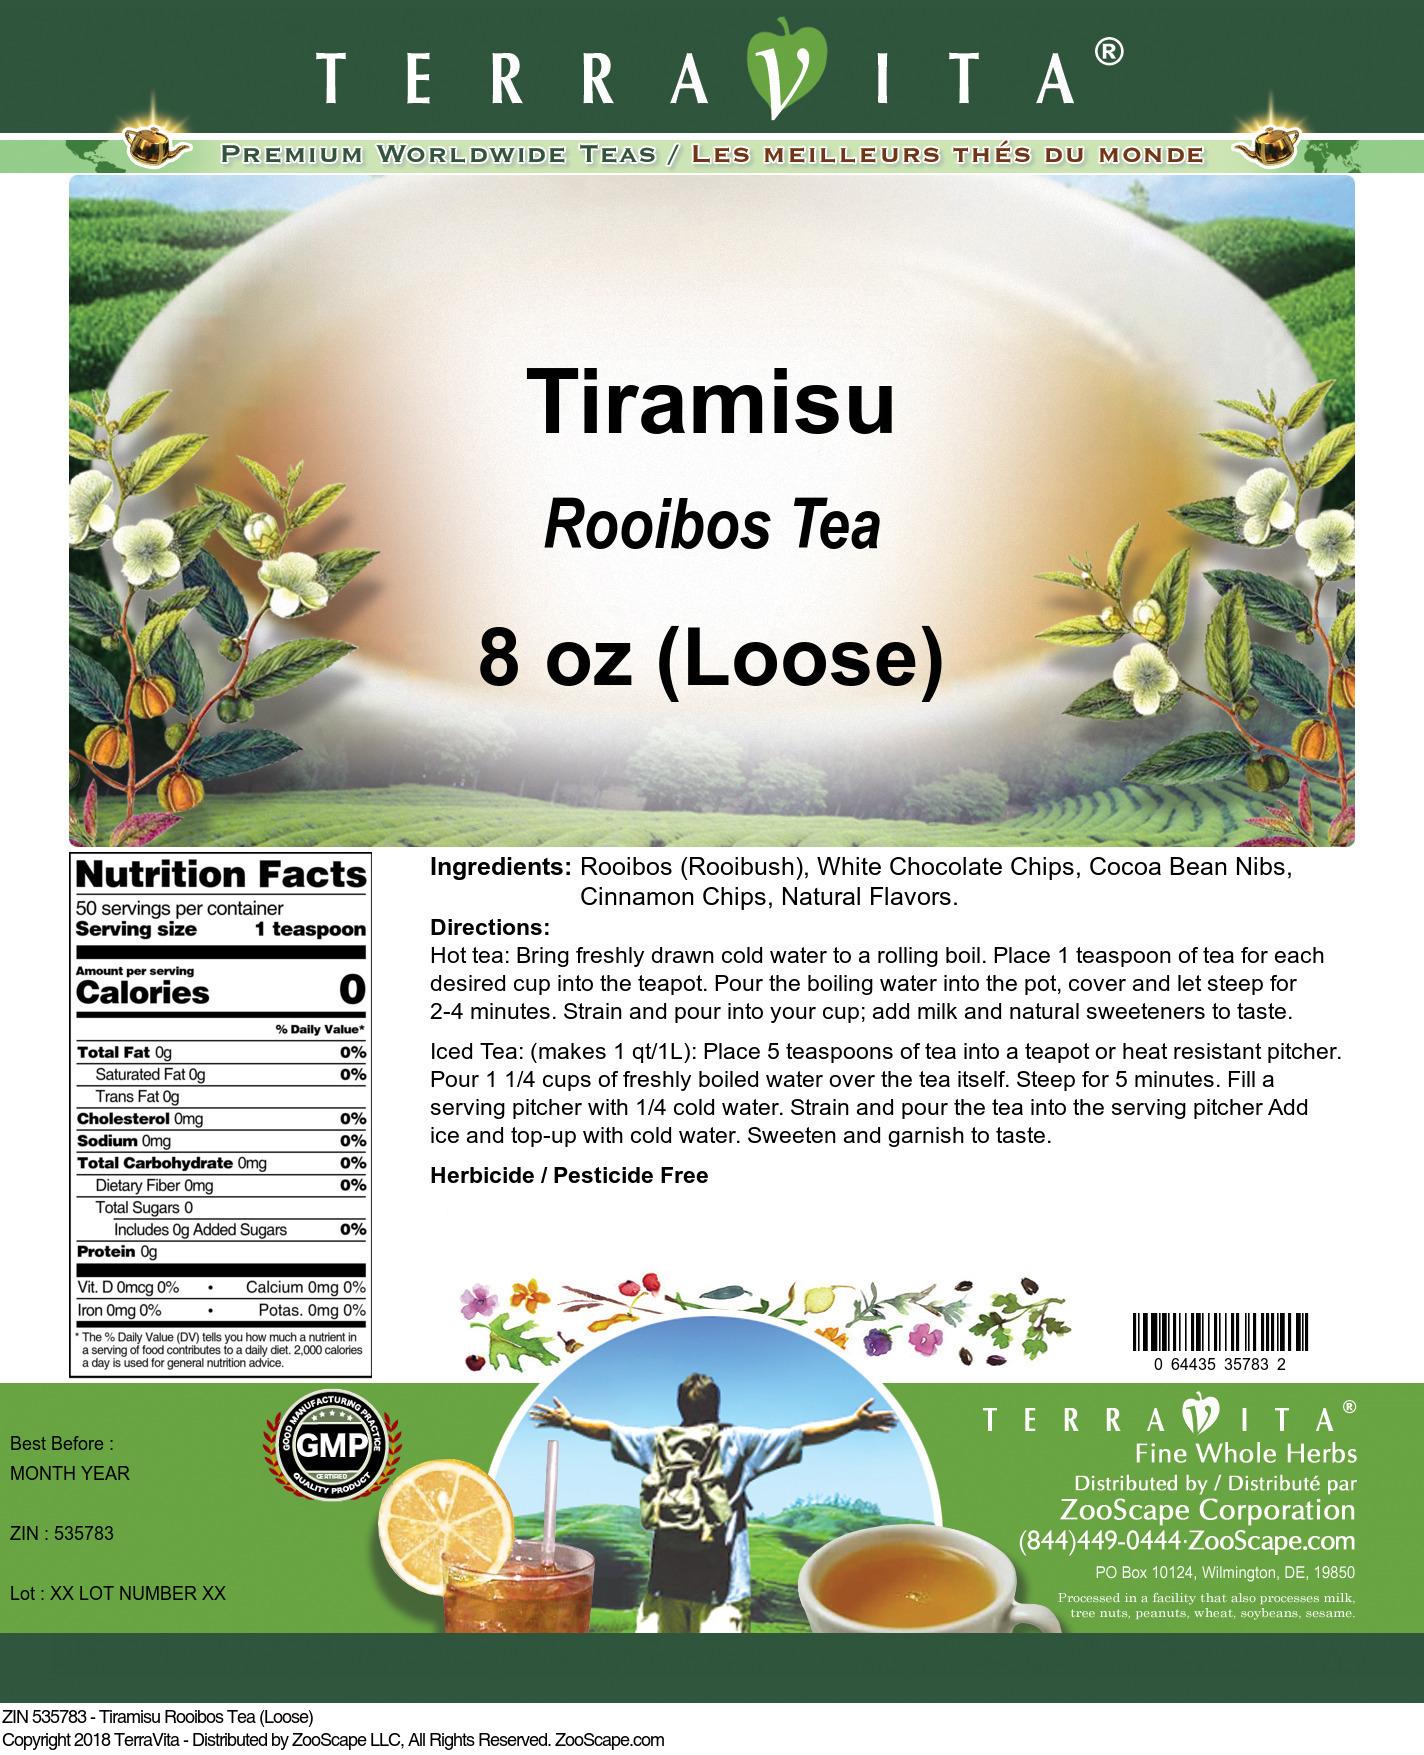 Tiramisu Rooibos Tea